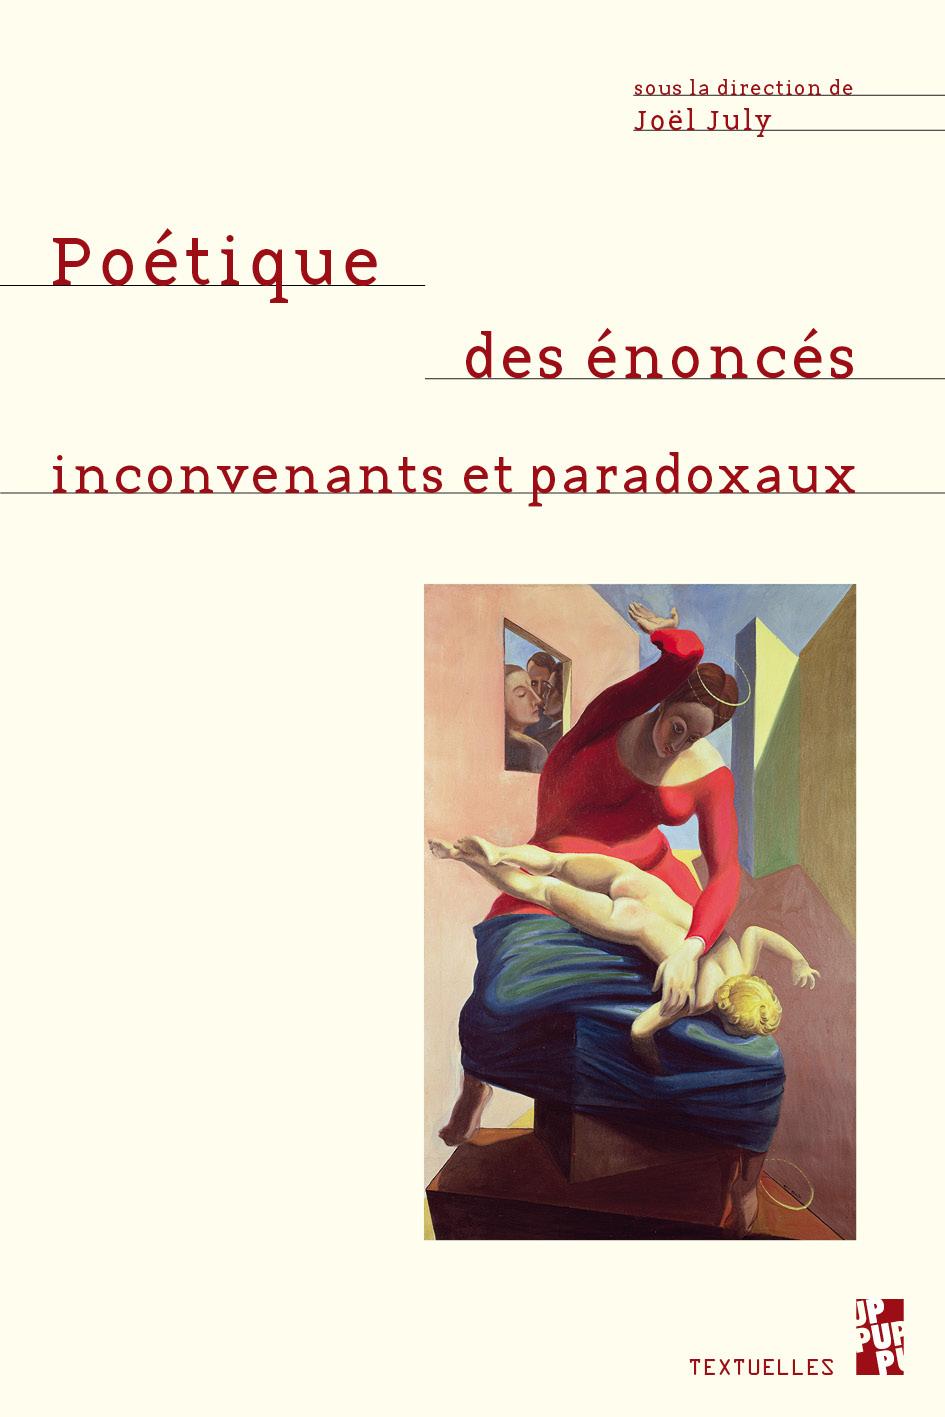 J. July (dir.), Poétique des énoncés inconvenants et paradoxaux